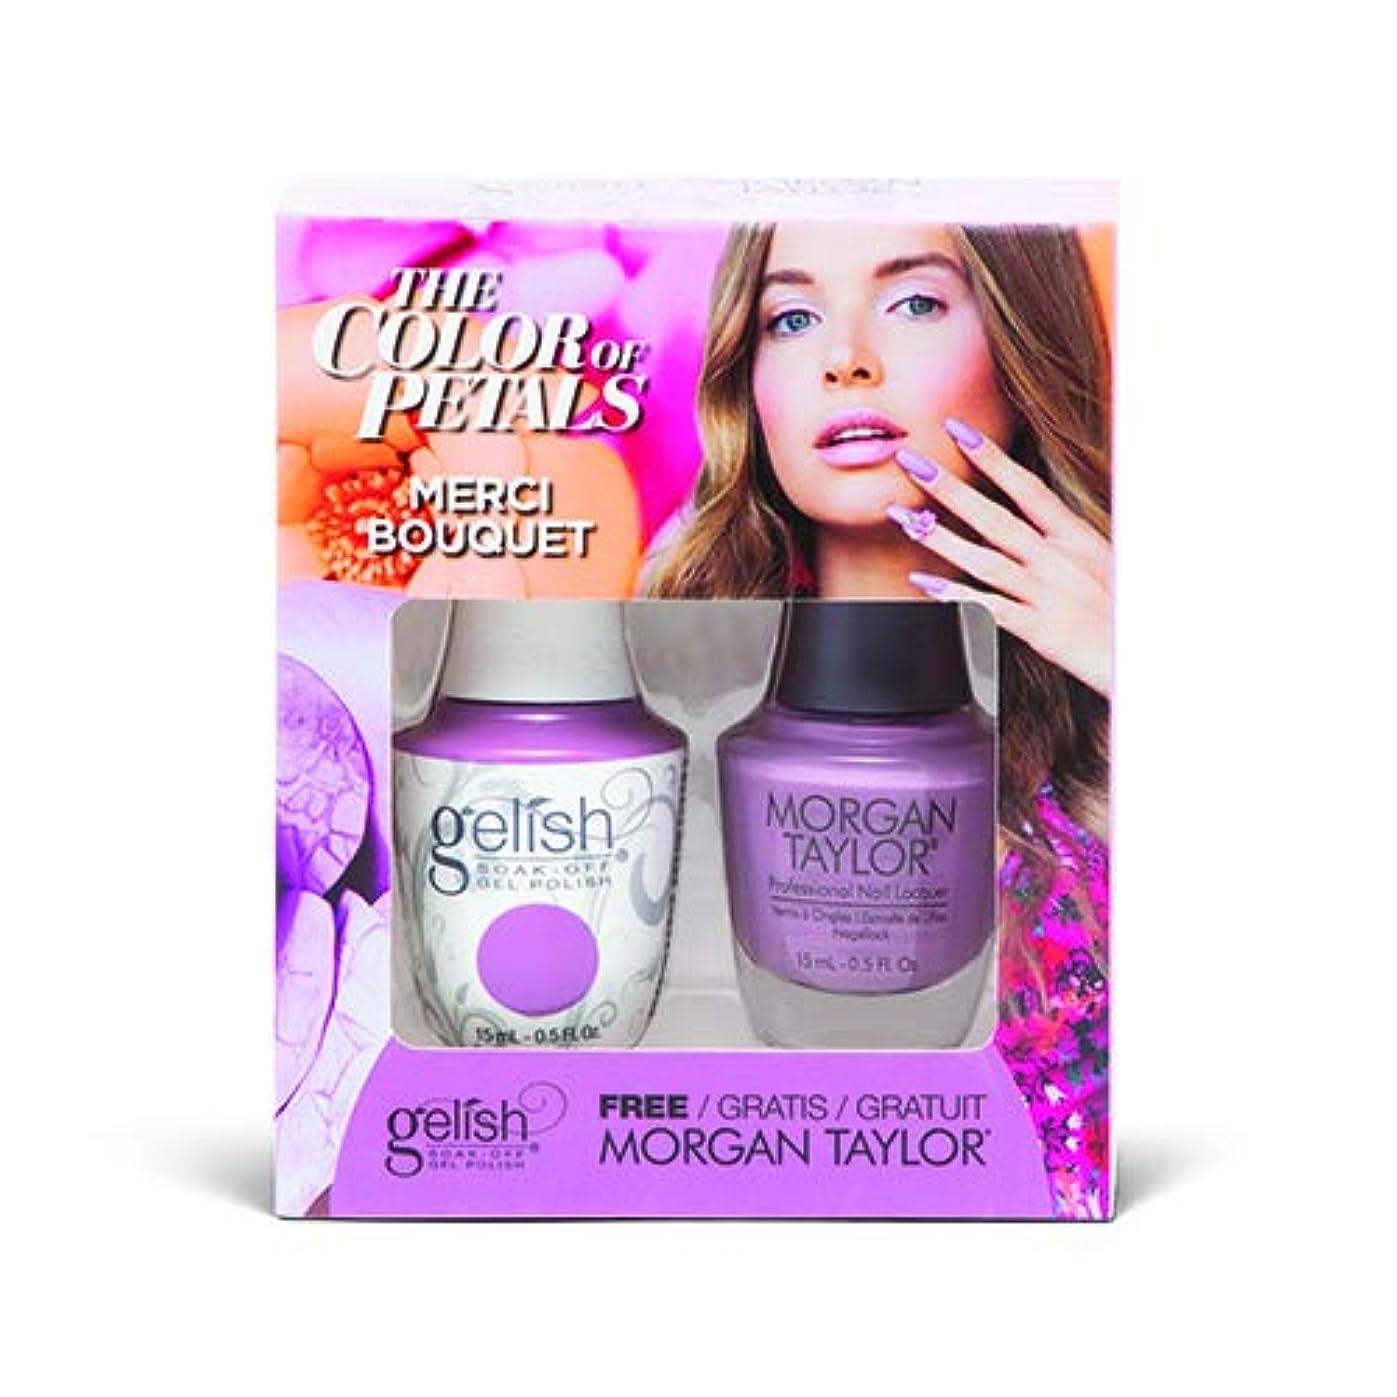 時々時々シソーラス自伝Harmony Gelish - Two Of A Kind - The Color Of Petals - Merci Bouquet - 15 mL / 0.5 Oz